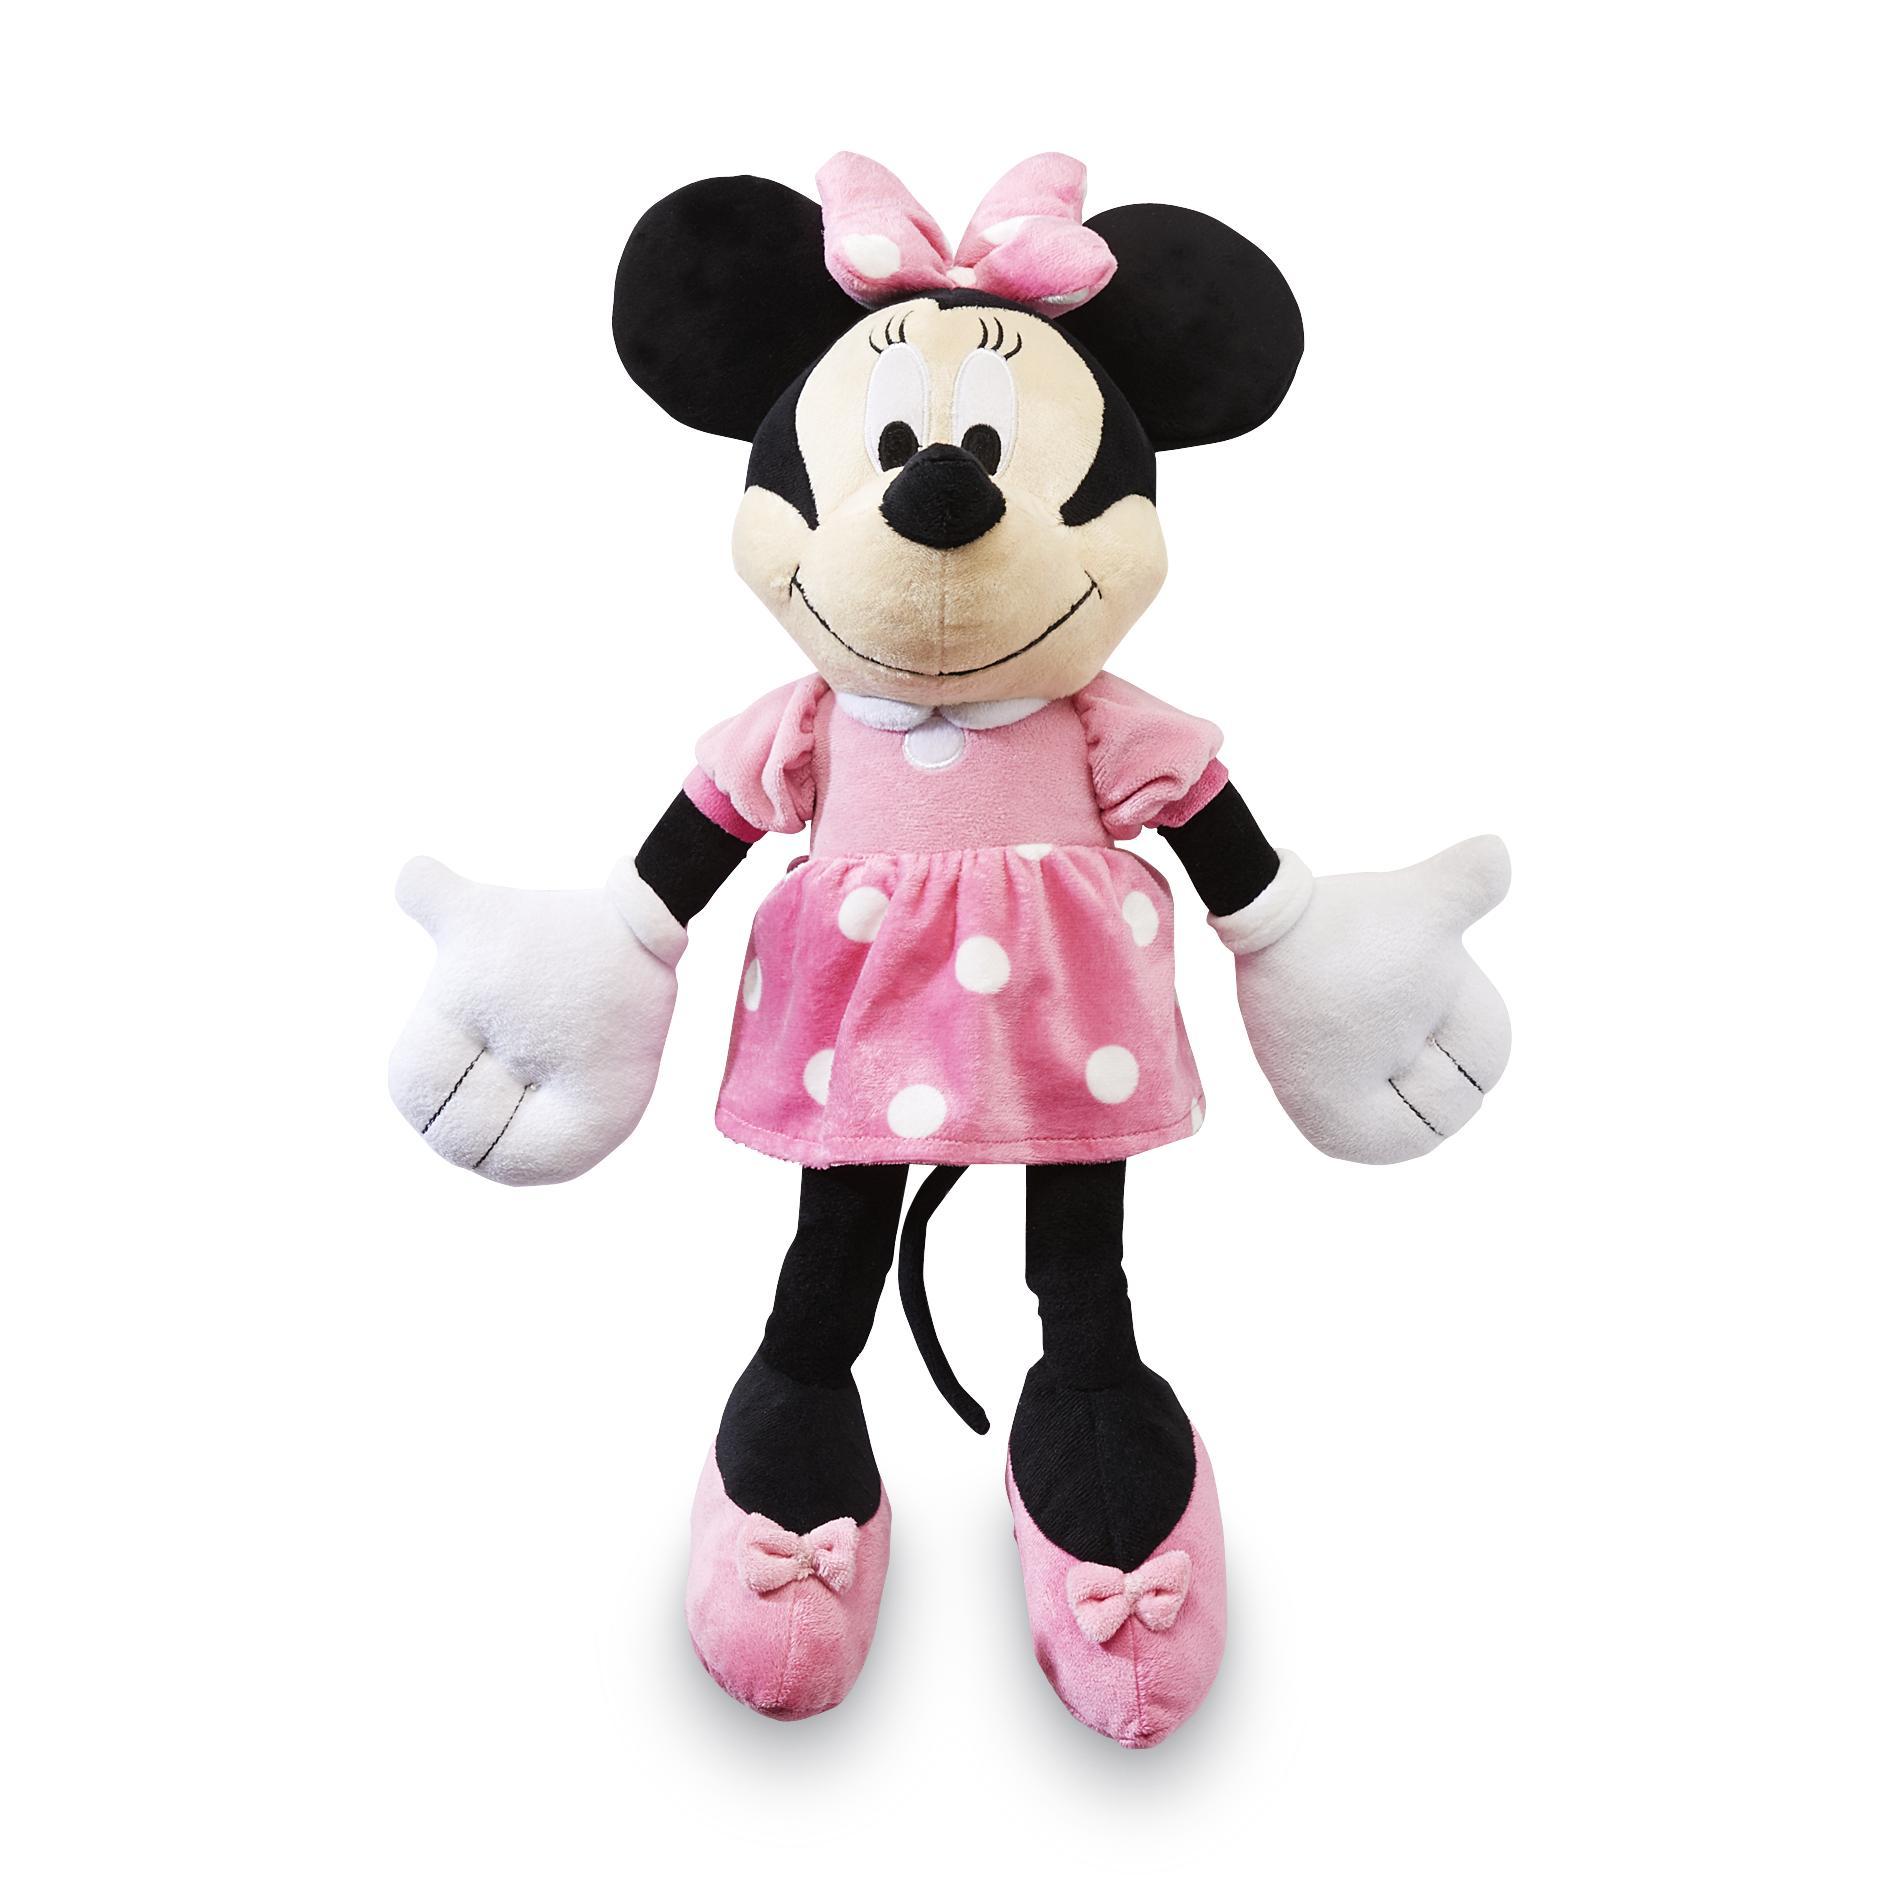 Disney Minnie Mouse Plush Pillow